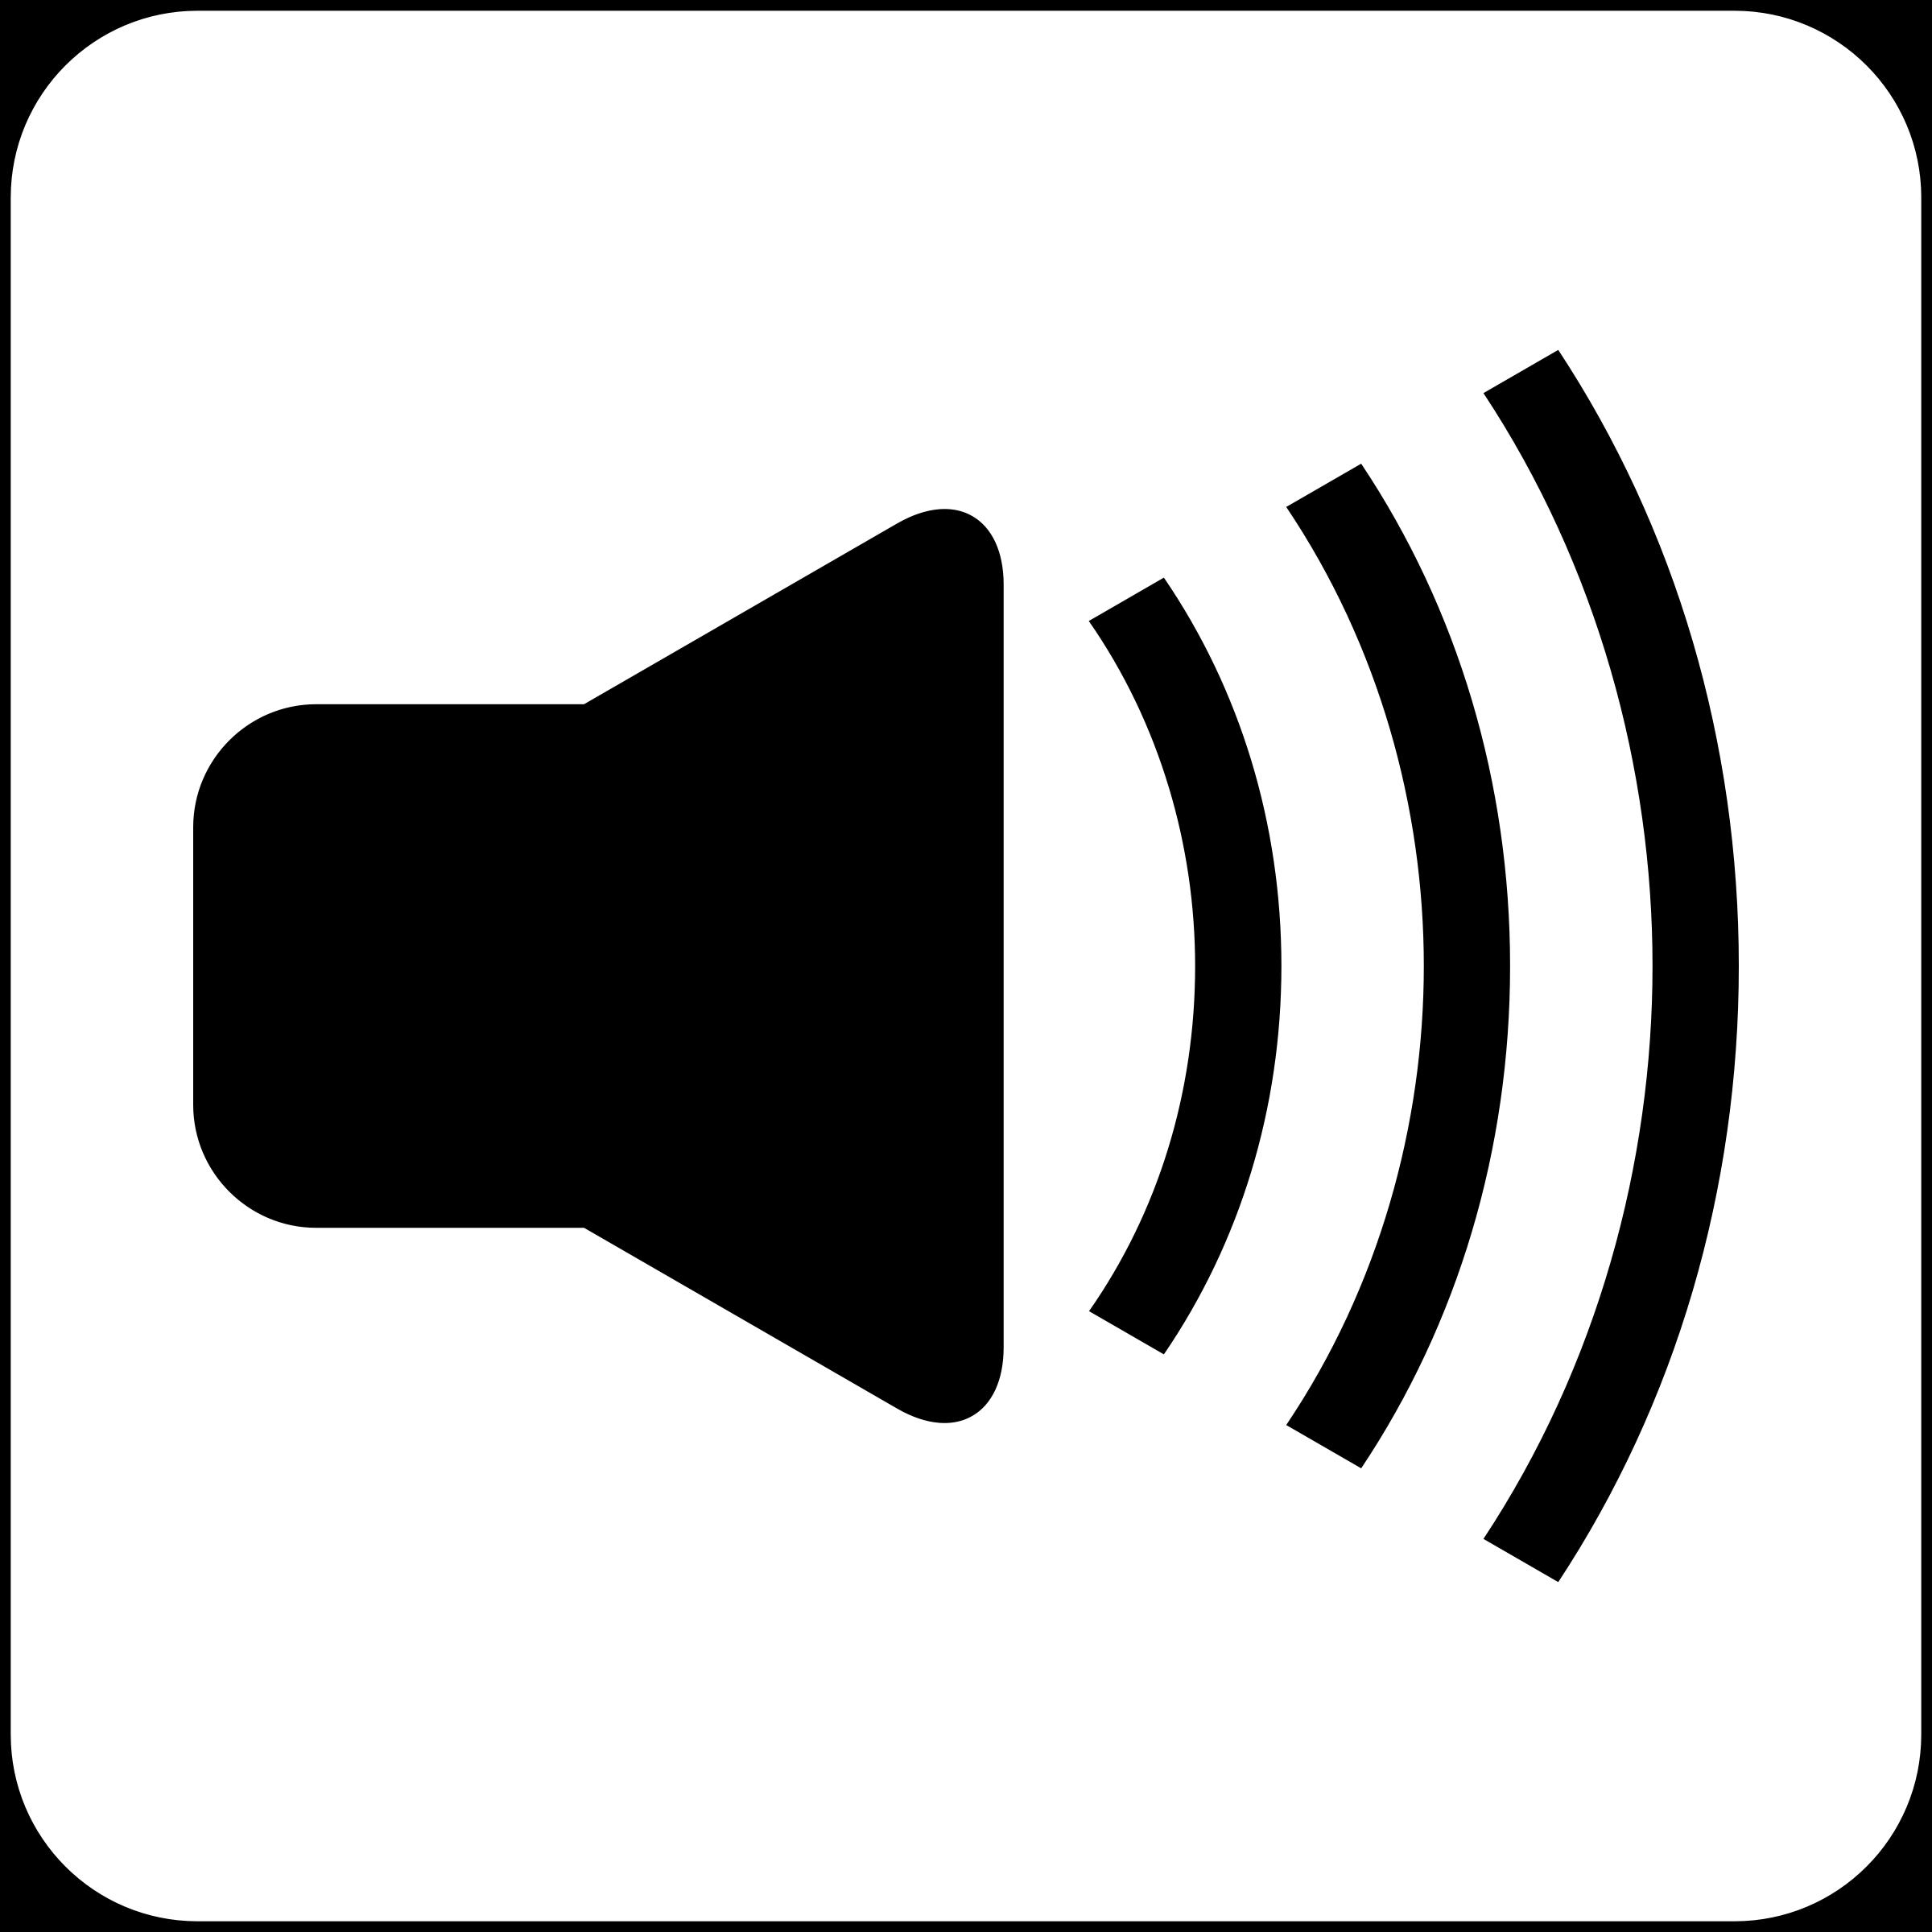 2400x2400 Audio Clipart Loud Noise